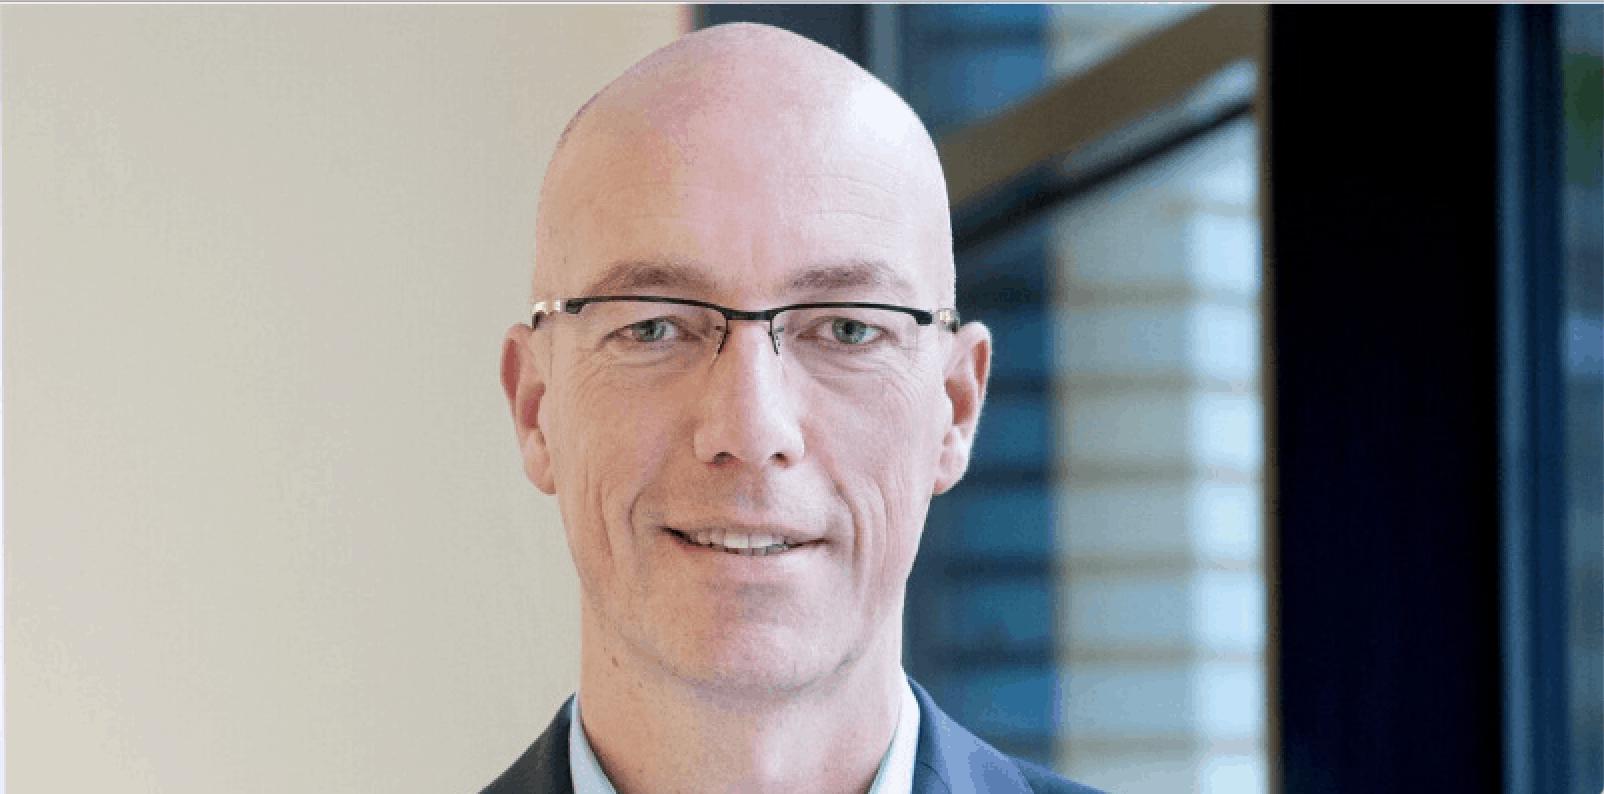 2e gastspreker op het Ondernemersdiner van 13 november – Ronald van Raaij (Rabobank Rotterdam)